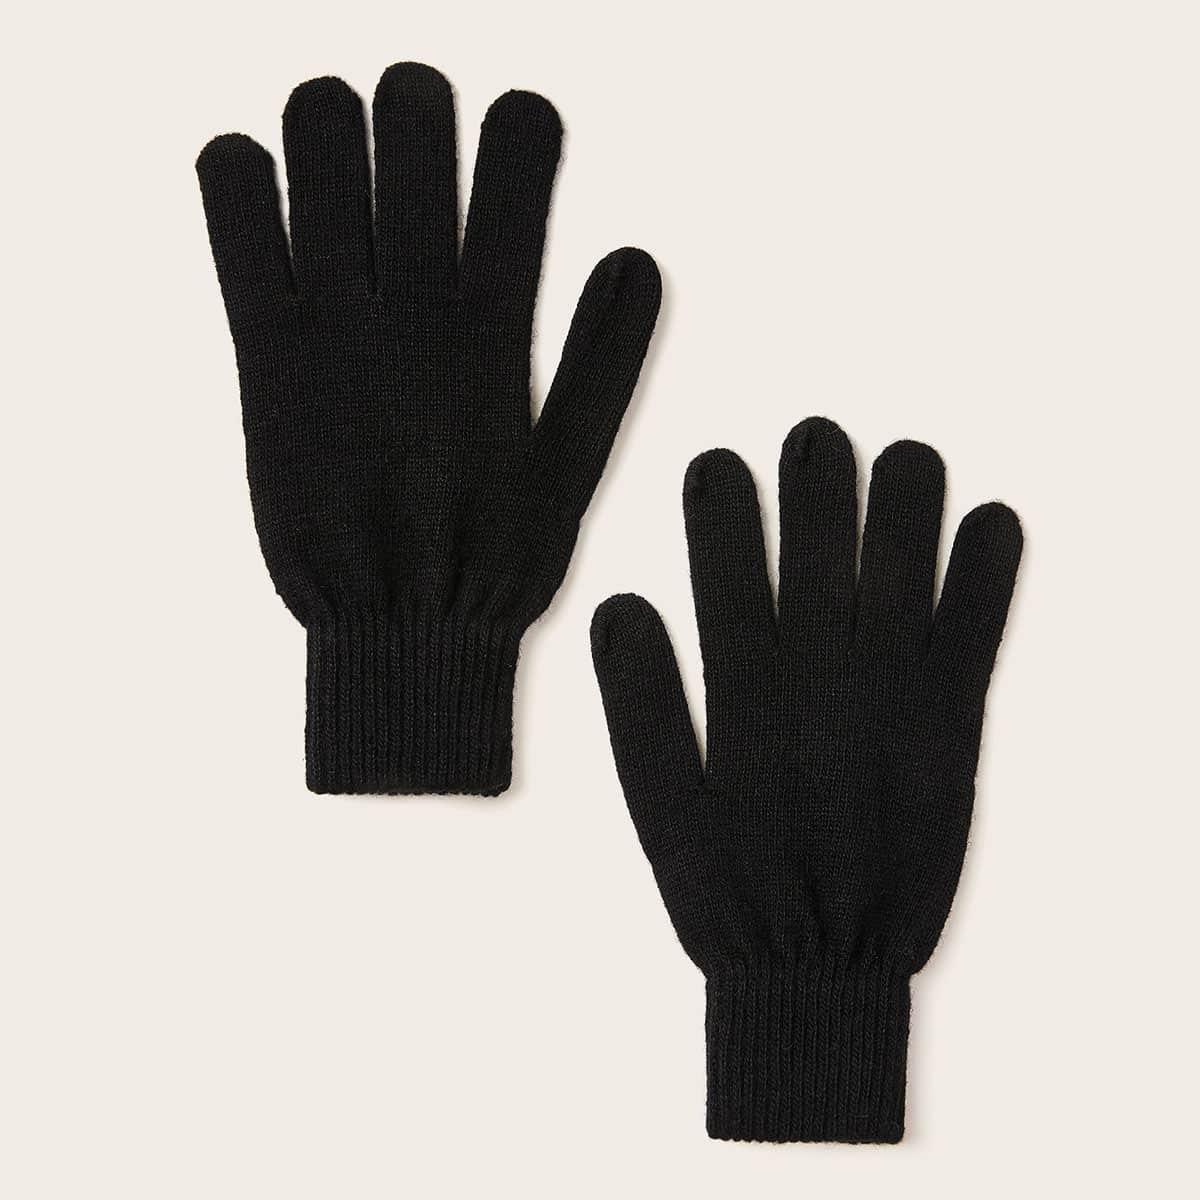 1 pair Sarung Tangan Rajut Sederhana